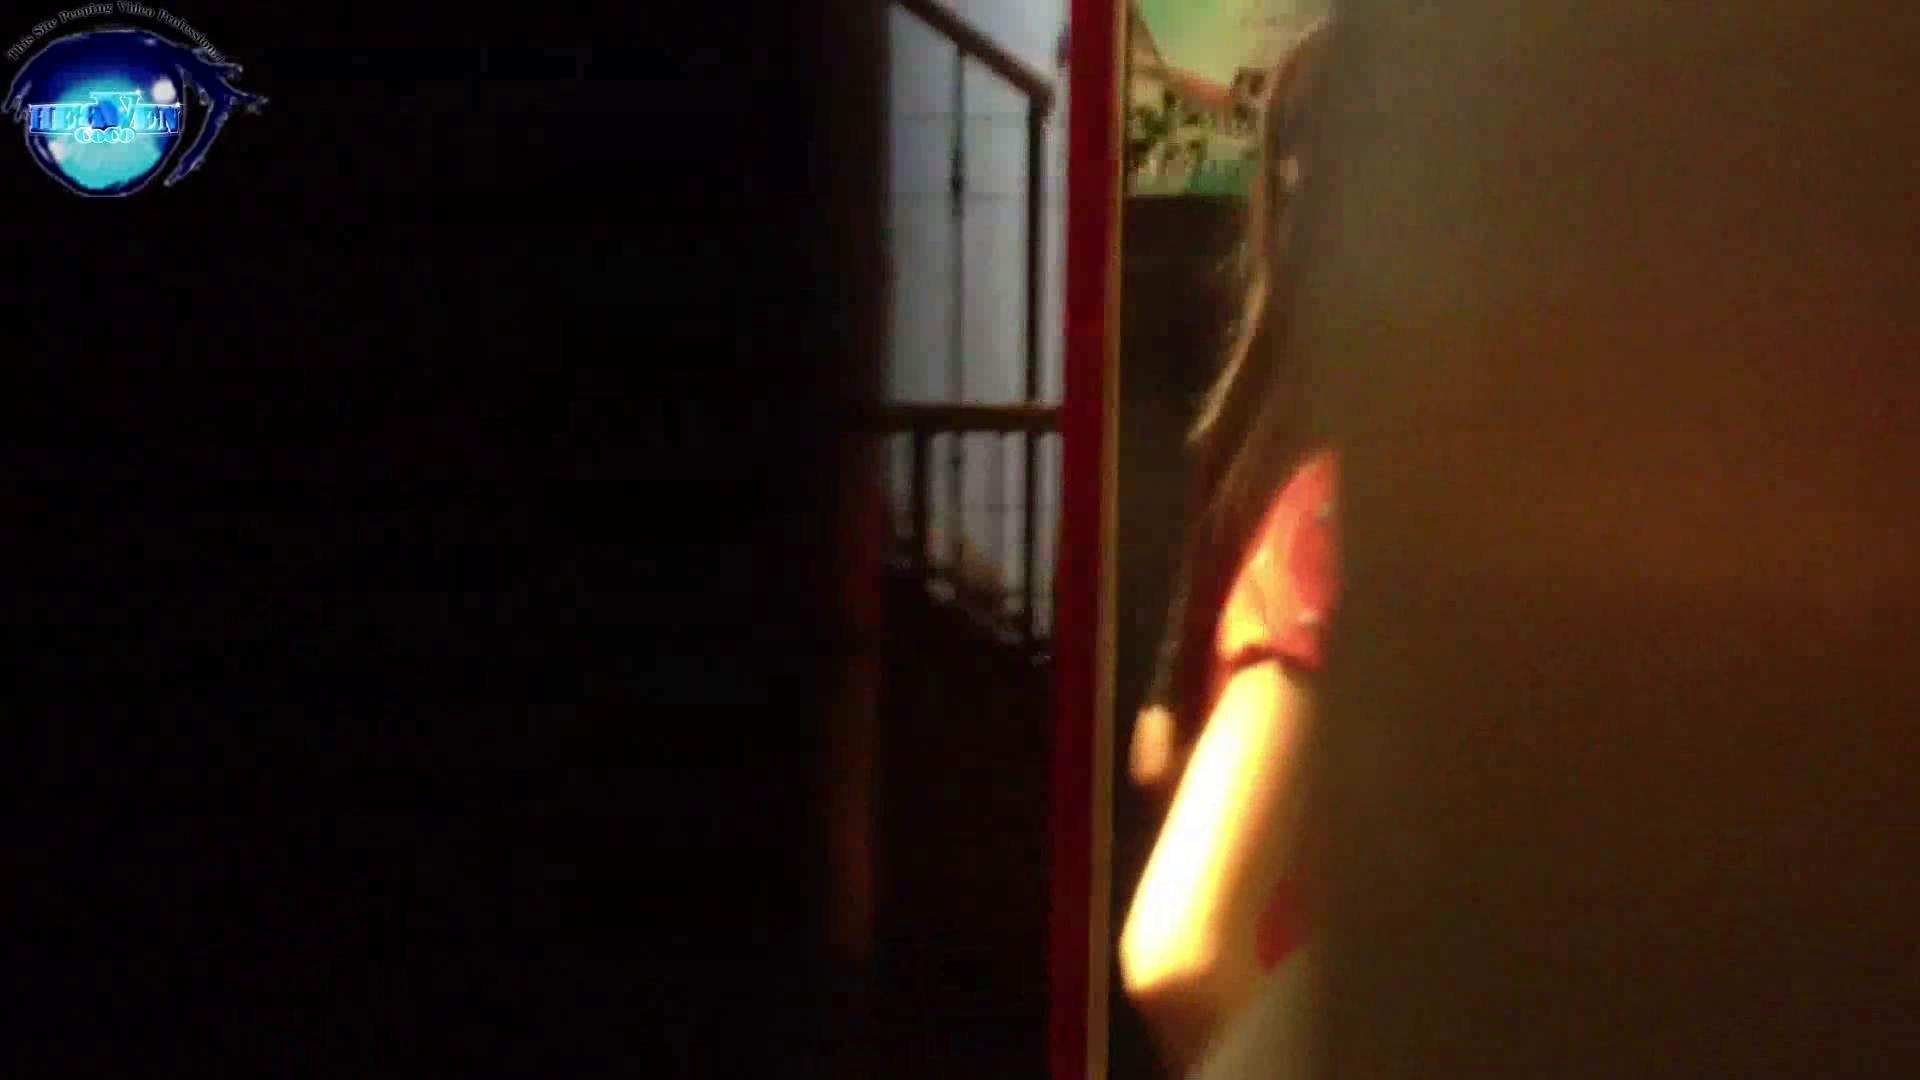 GOD HAND ファッションショッピングセンター盗撮vol.02前編 OLエロ画像 | 高画質  82PICs 82